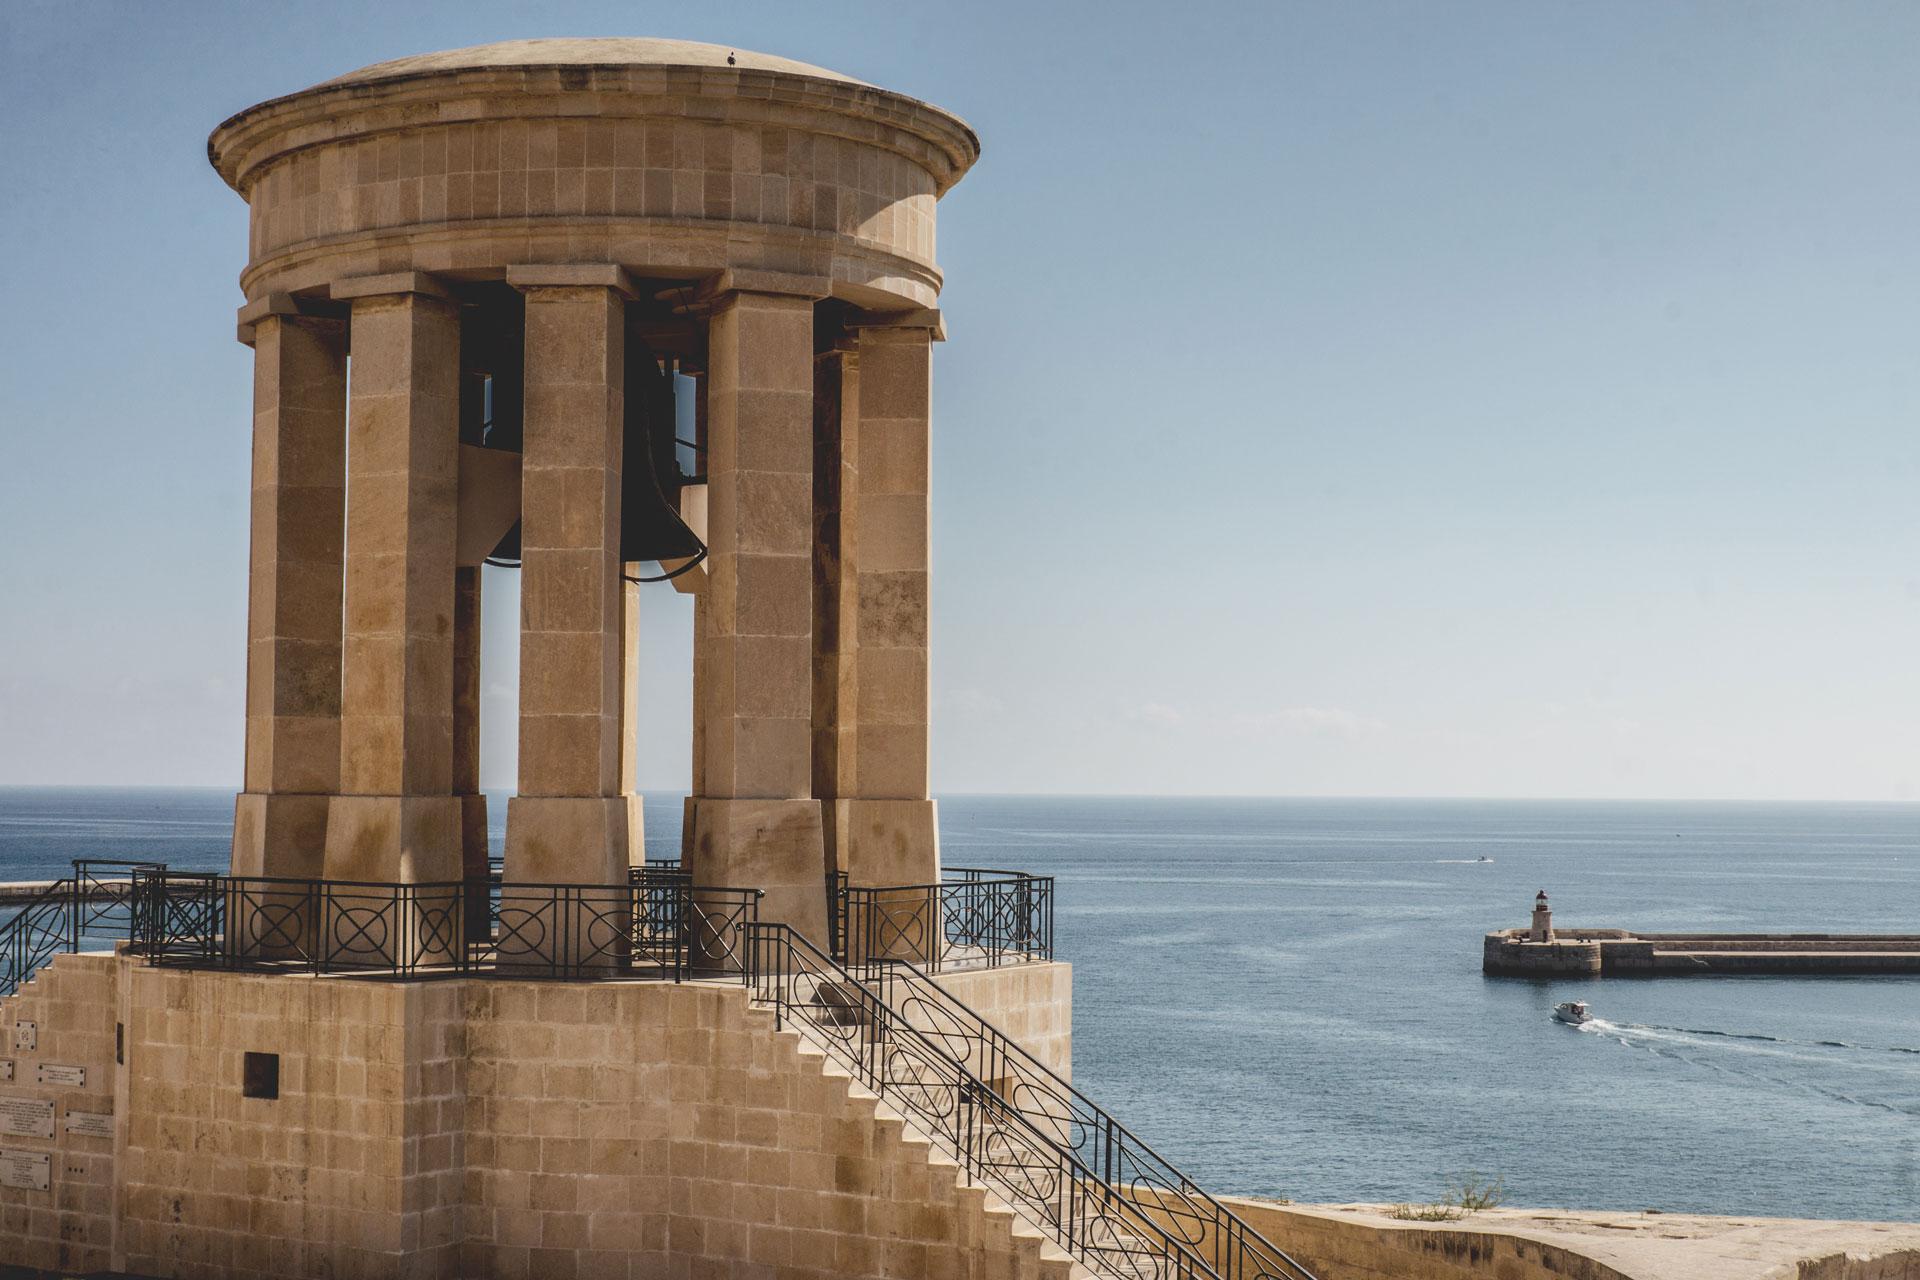 Historische Bauwerke auf Malta